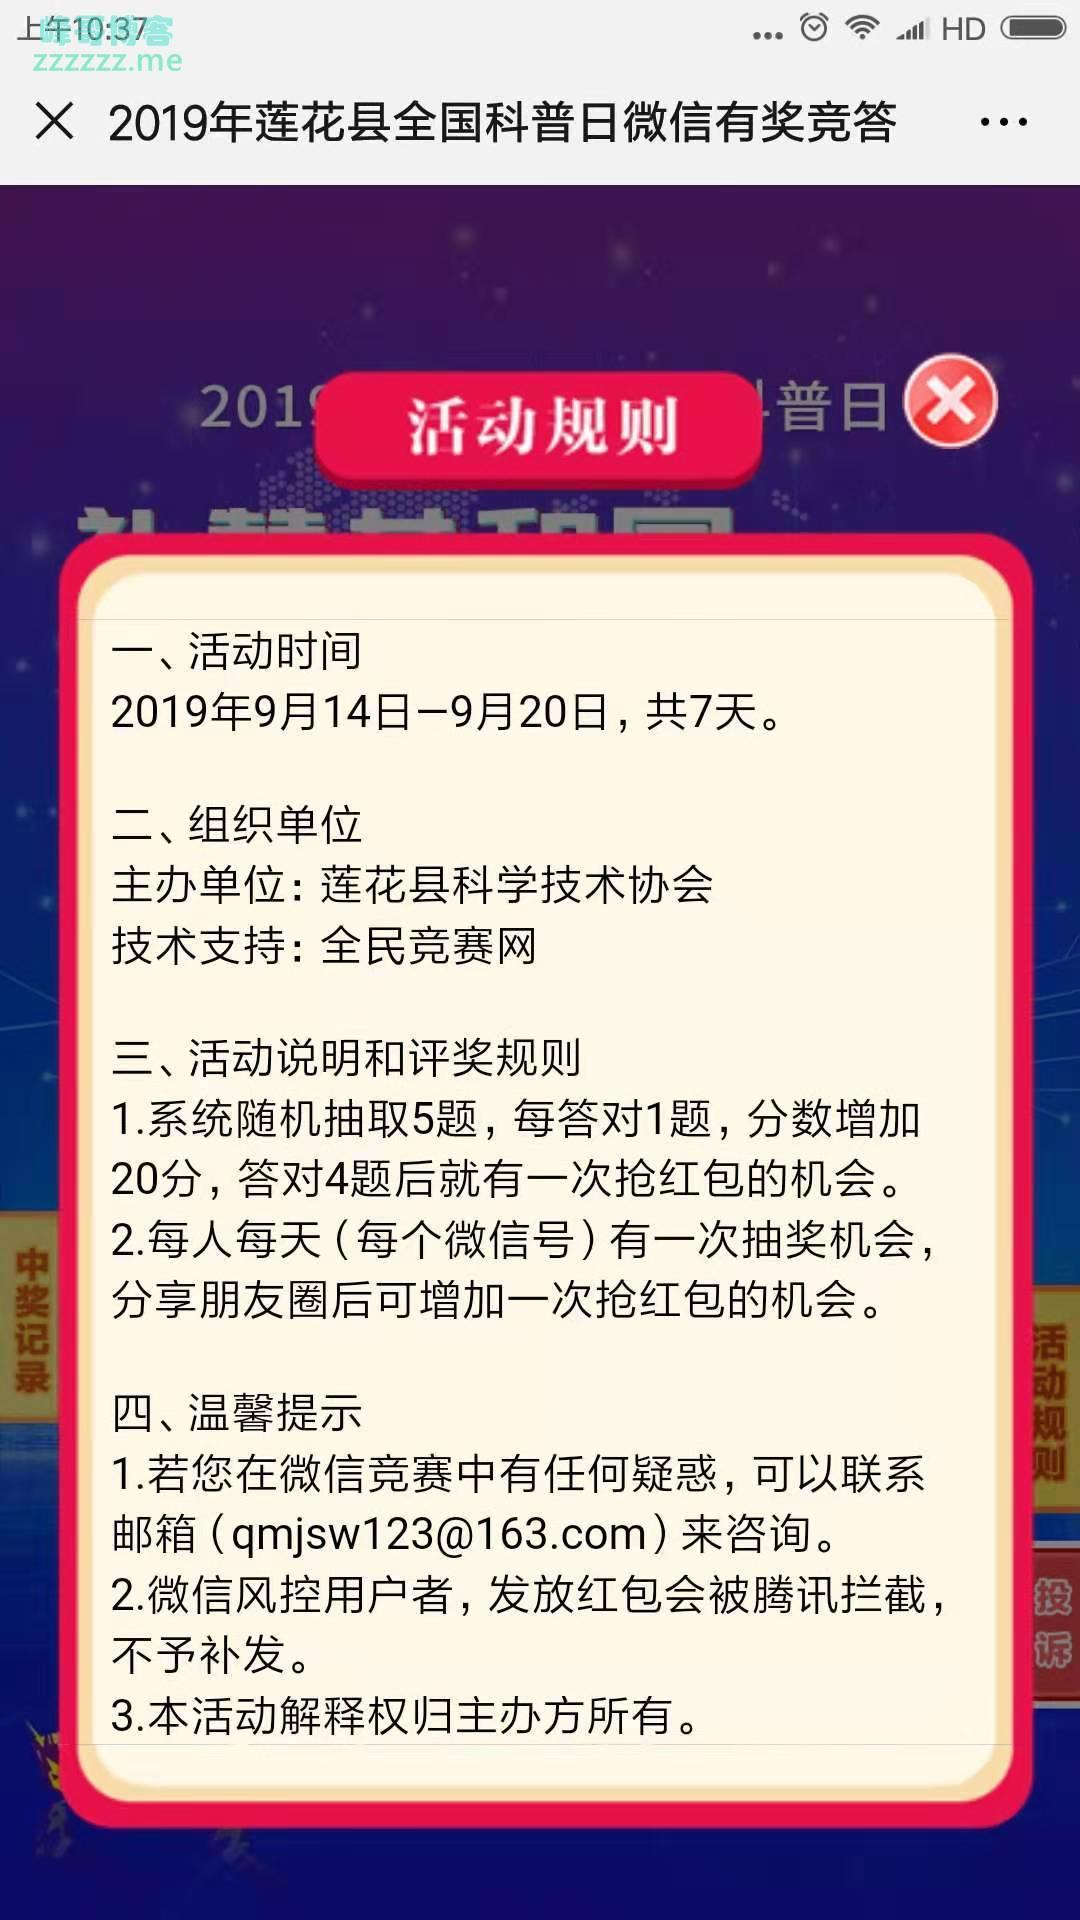 莲花县科协全国科普日有奖竞答(截止9月20日)